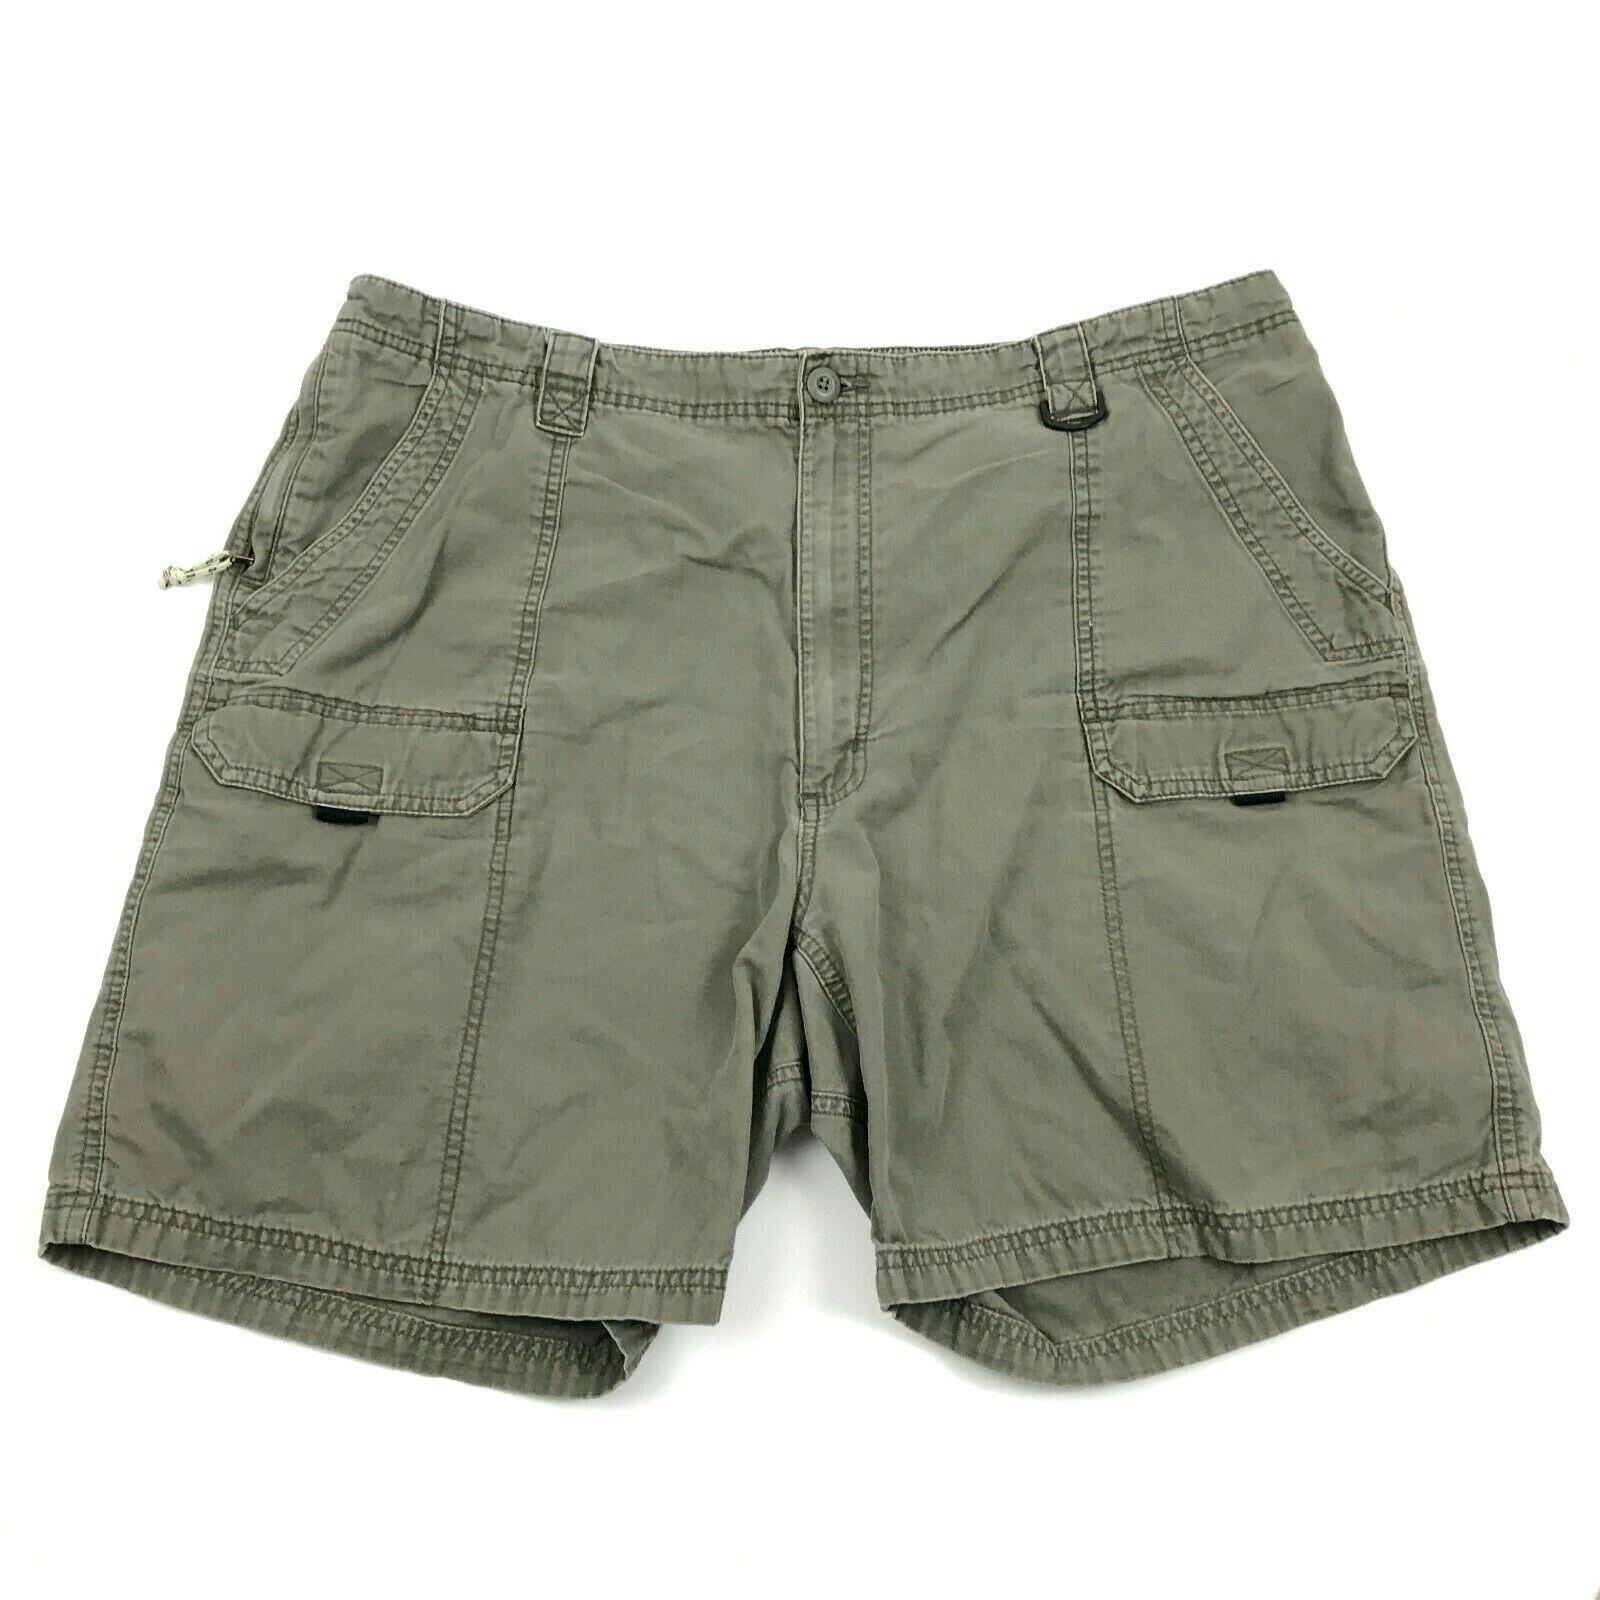 VINTAGE Mens Wrangler Cargo Shorts Size 44 Olive CANVAS DENIM D-Ring Reinforced - $13.15